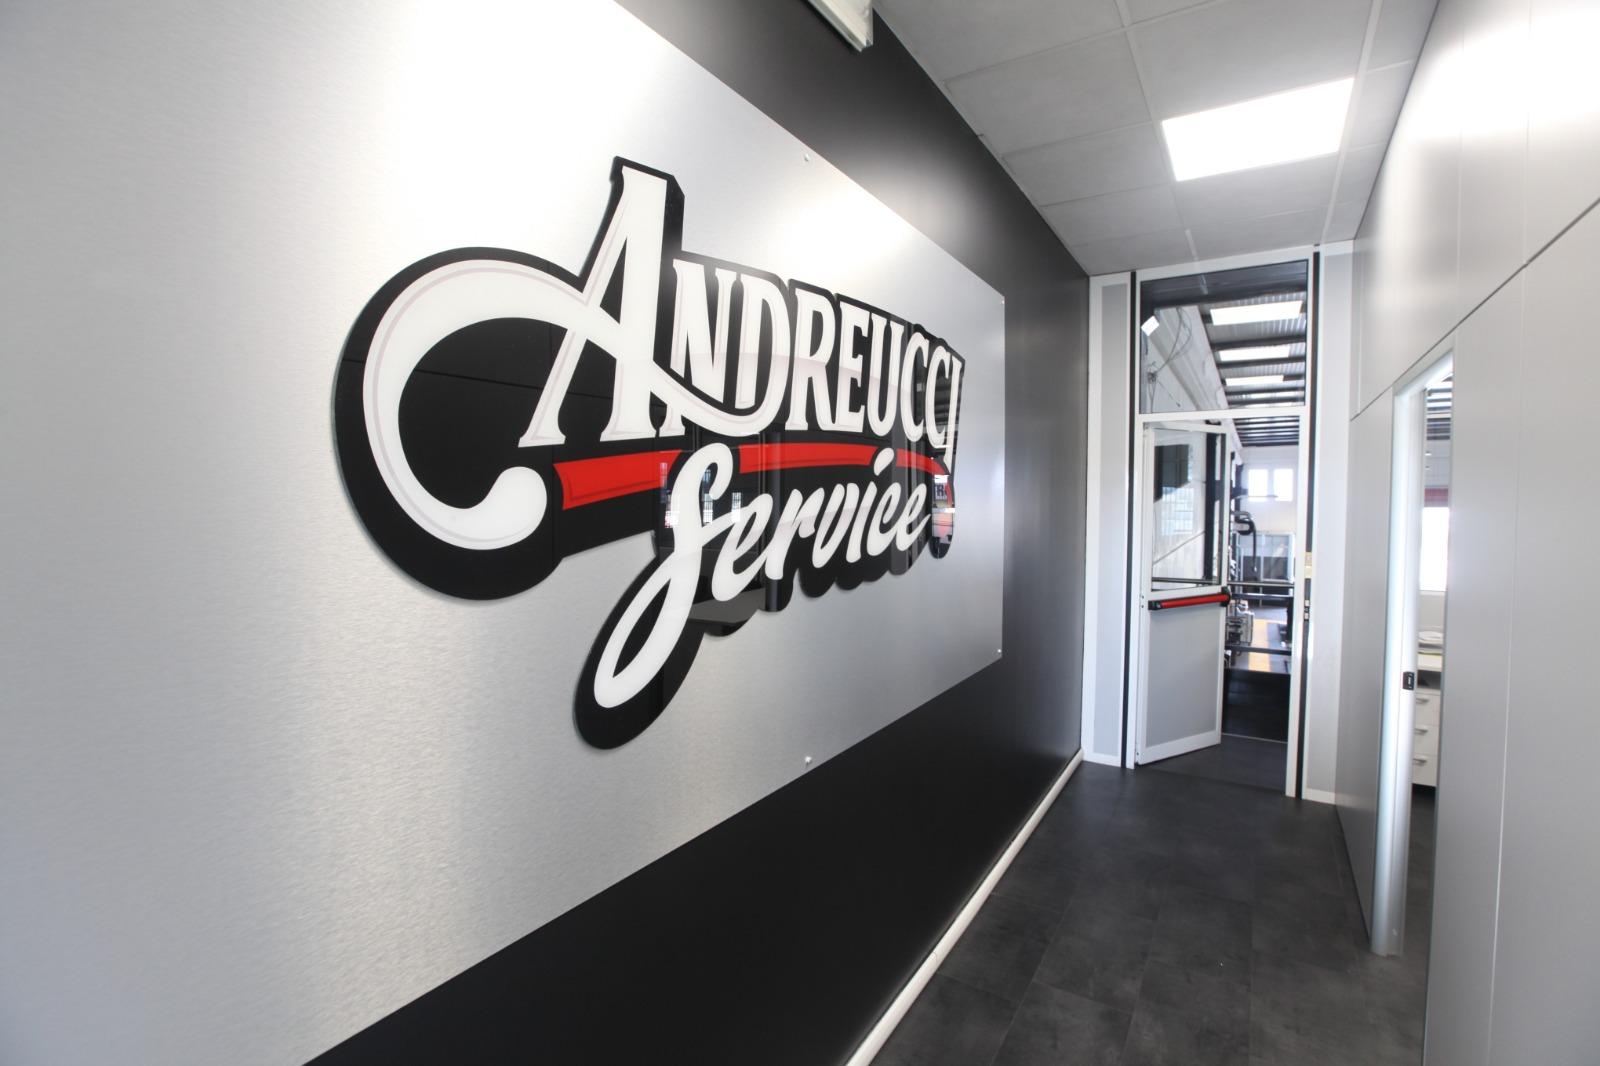 andreucci service